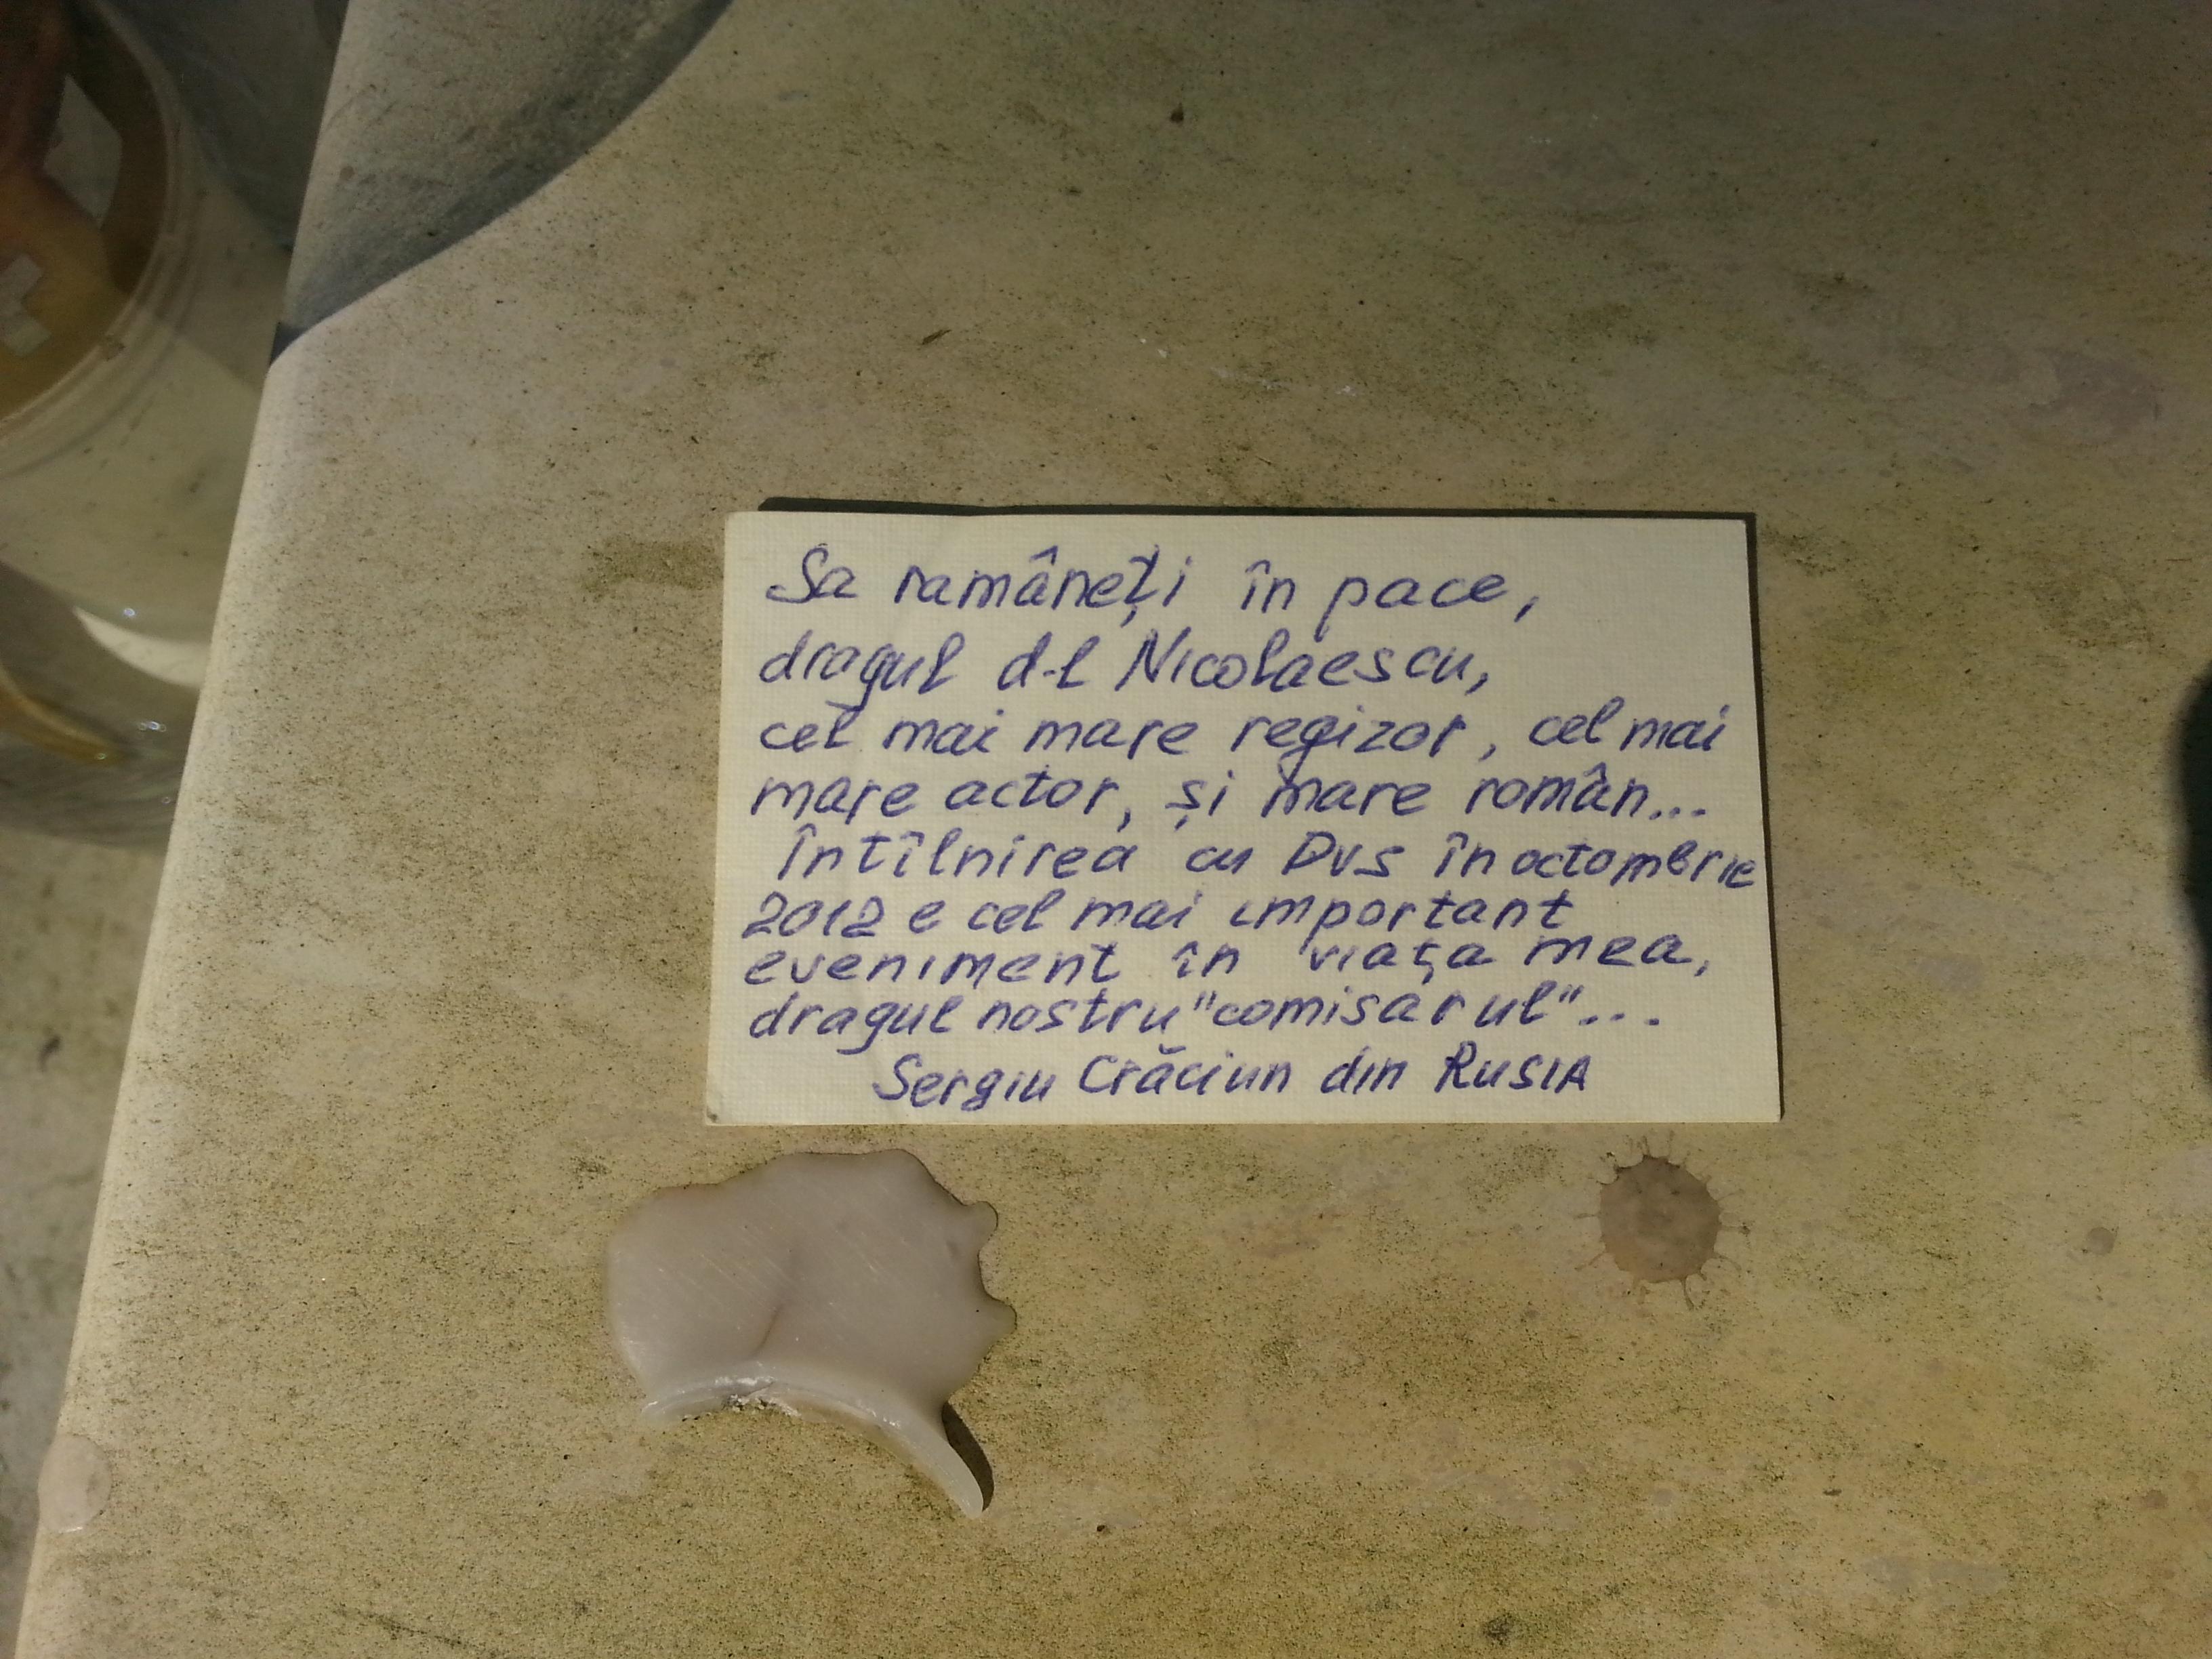 Barbatul a lasat un mesaj pe cartea de vizita